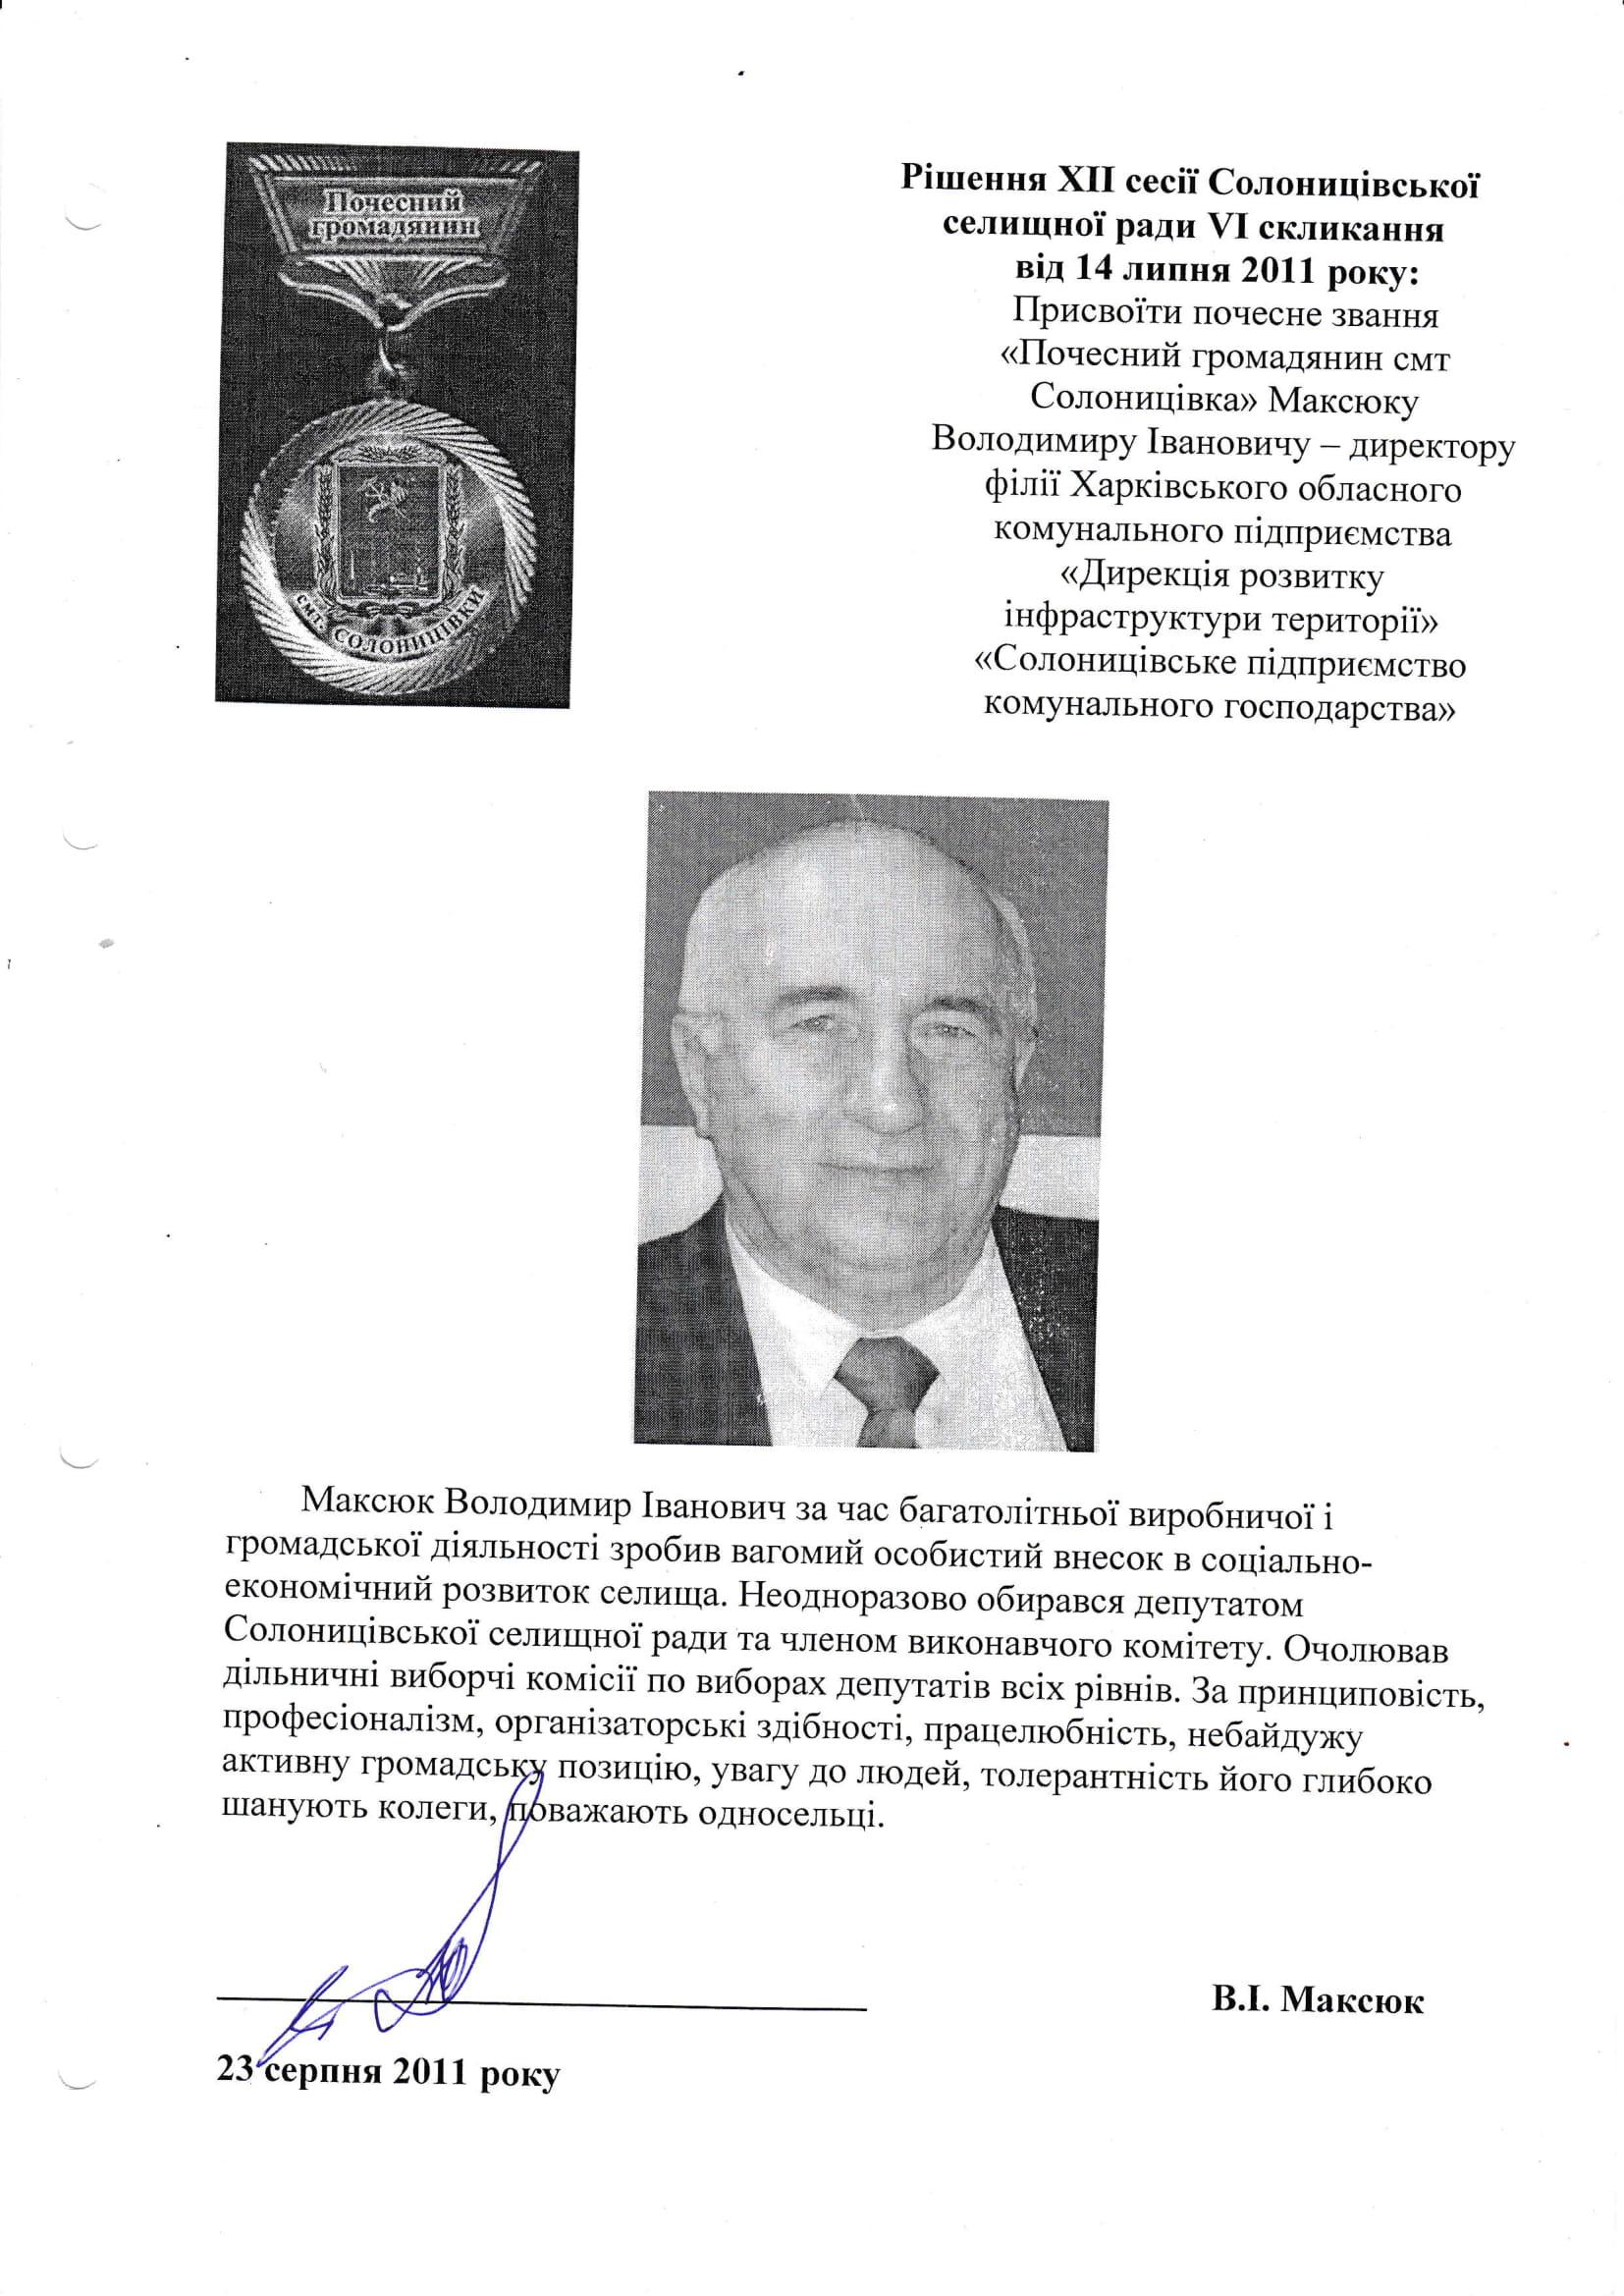 Максюк Володимир Іванович